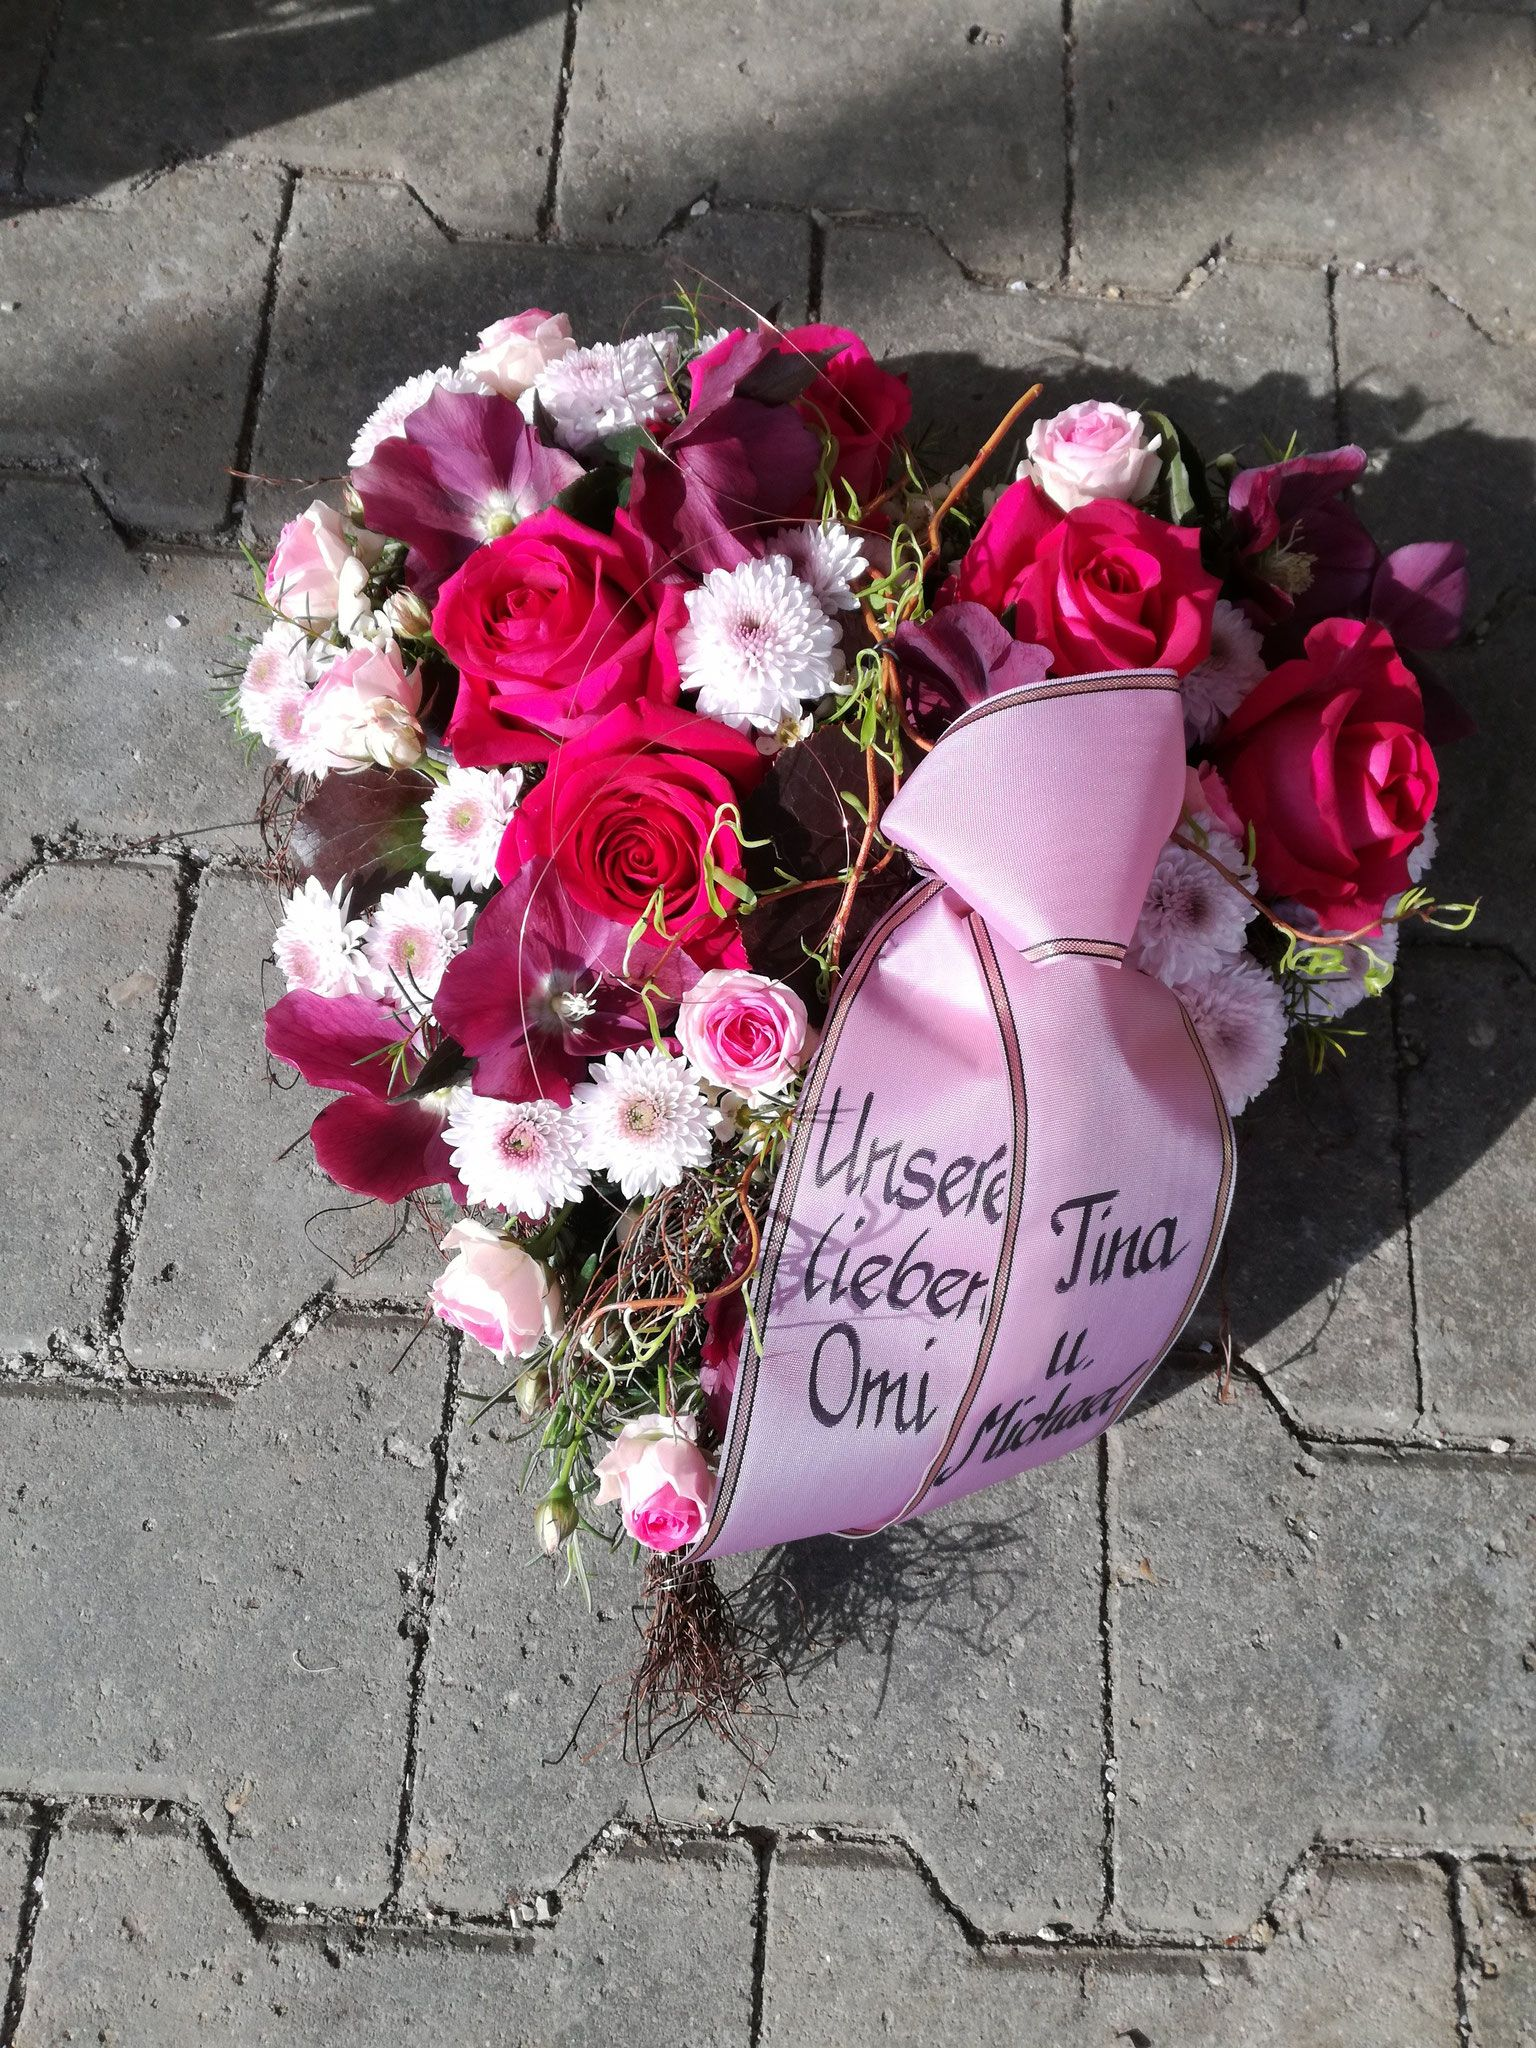 herz gesteckt mit rosen und chrysanthemen in beerentönen